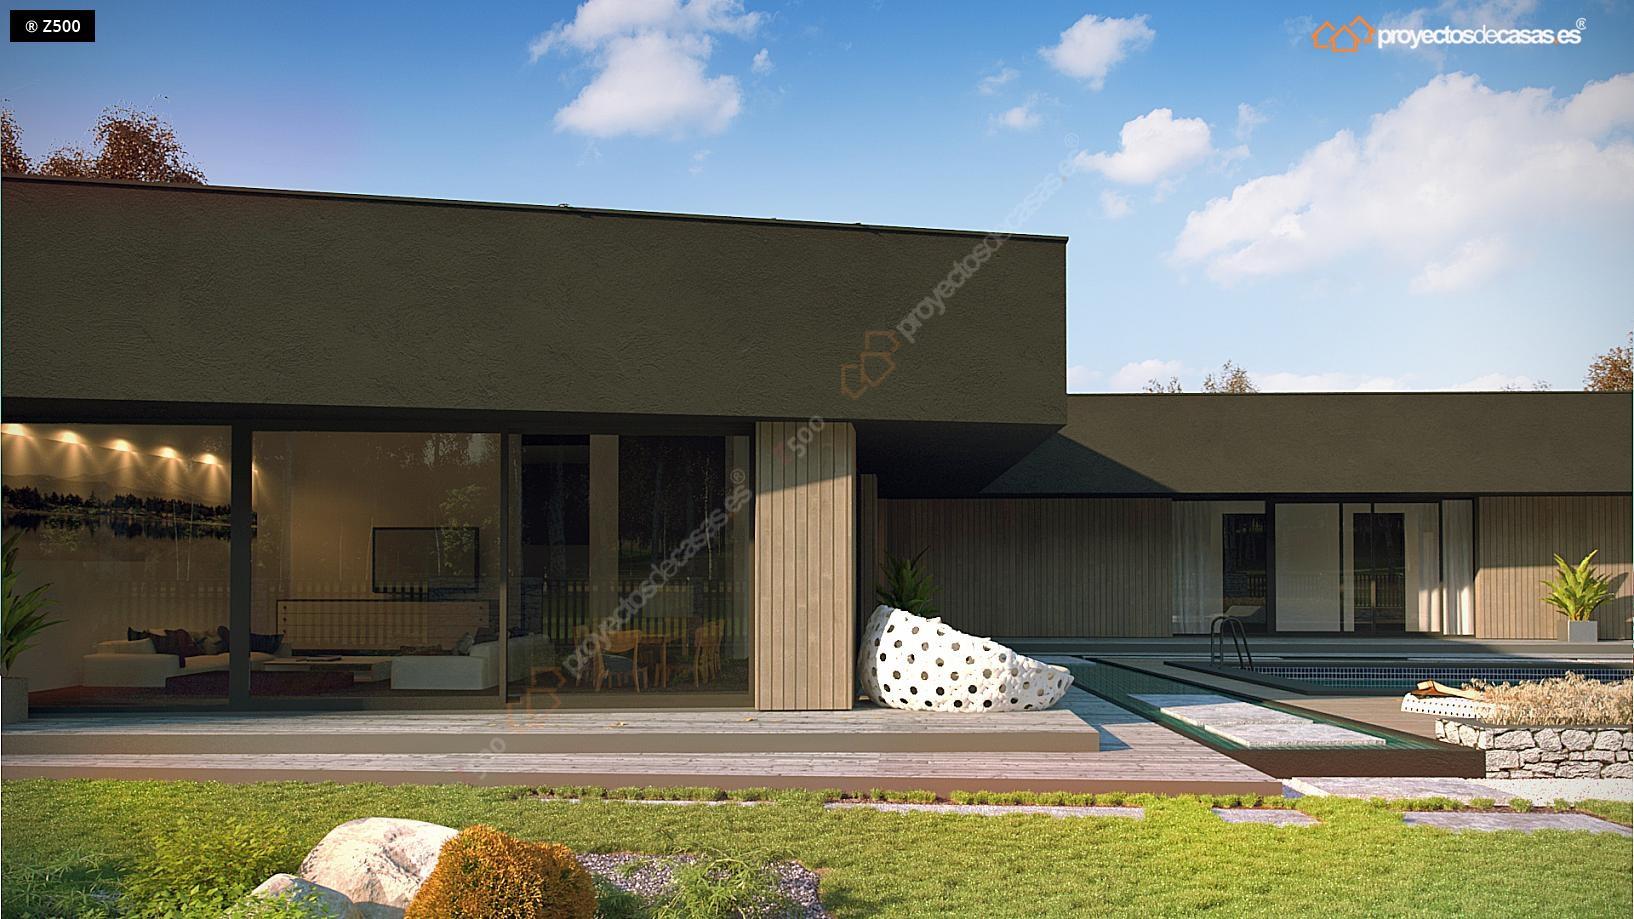 proyectos de casas casa minimalista proyectosdecasas ForProyectos Minimalistas